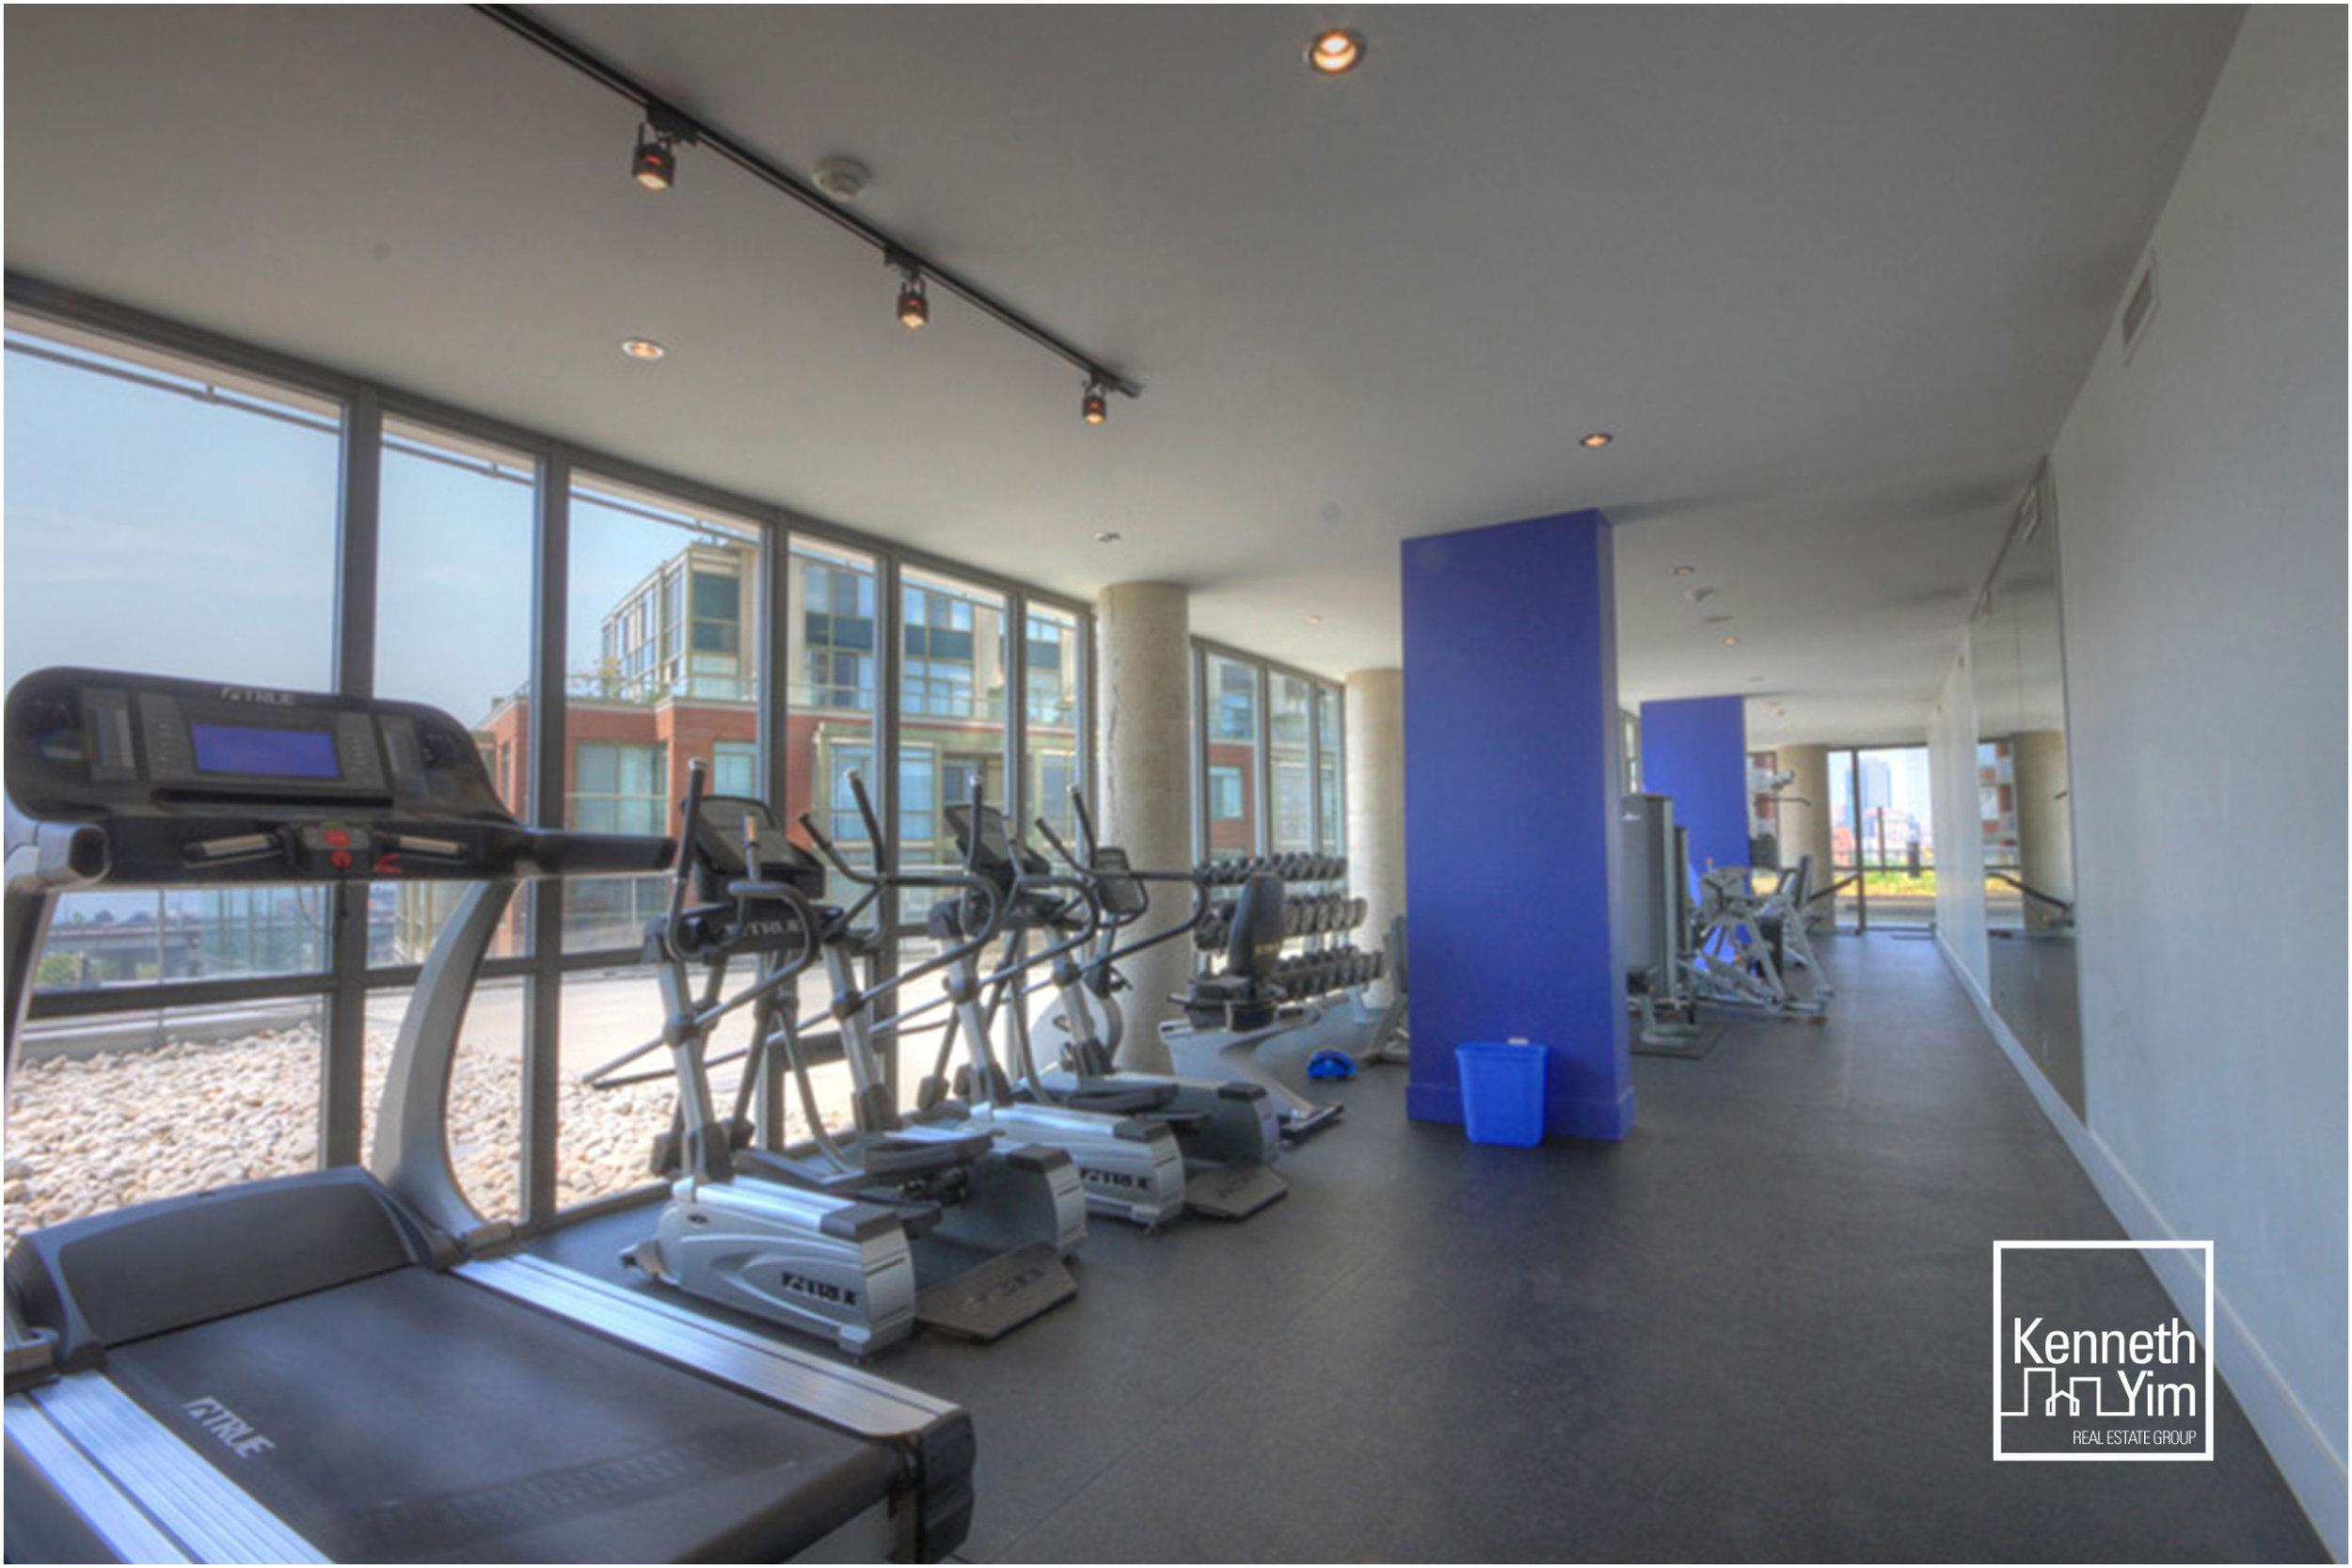 16 Gym.jpg